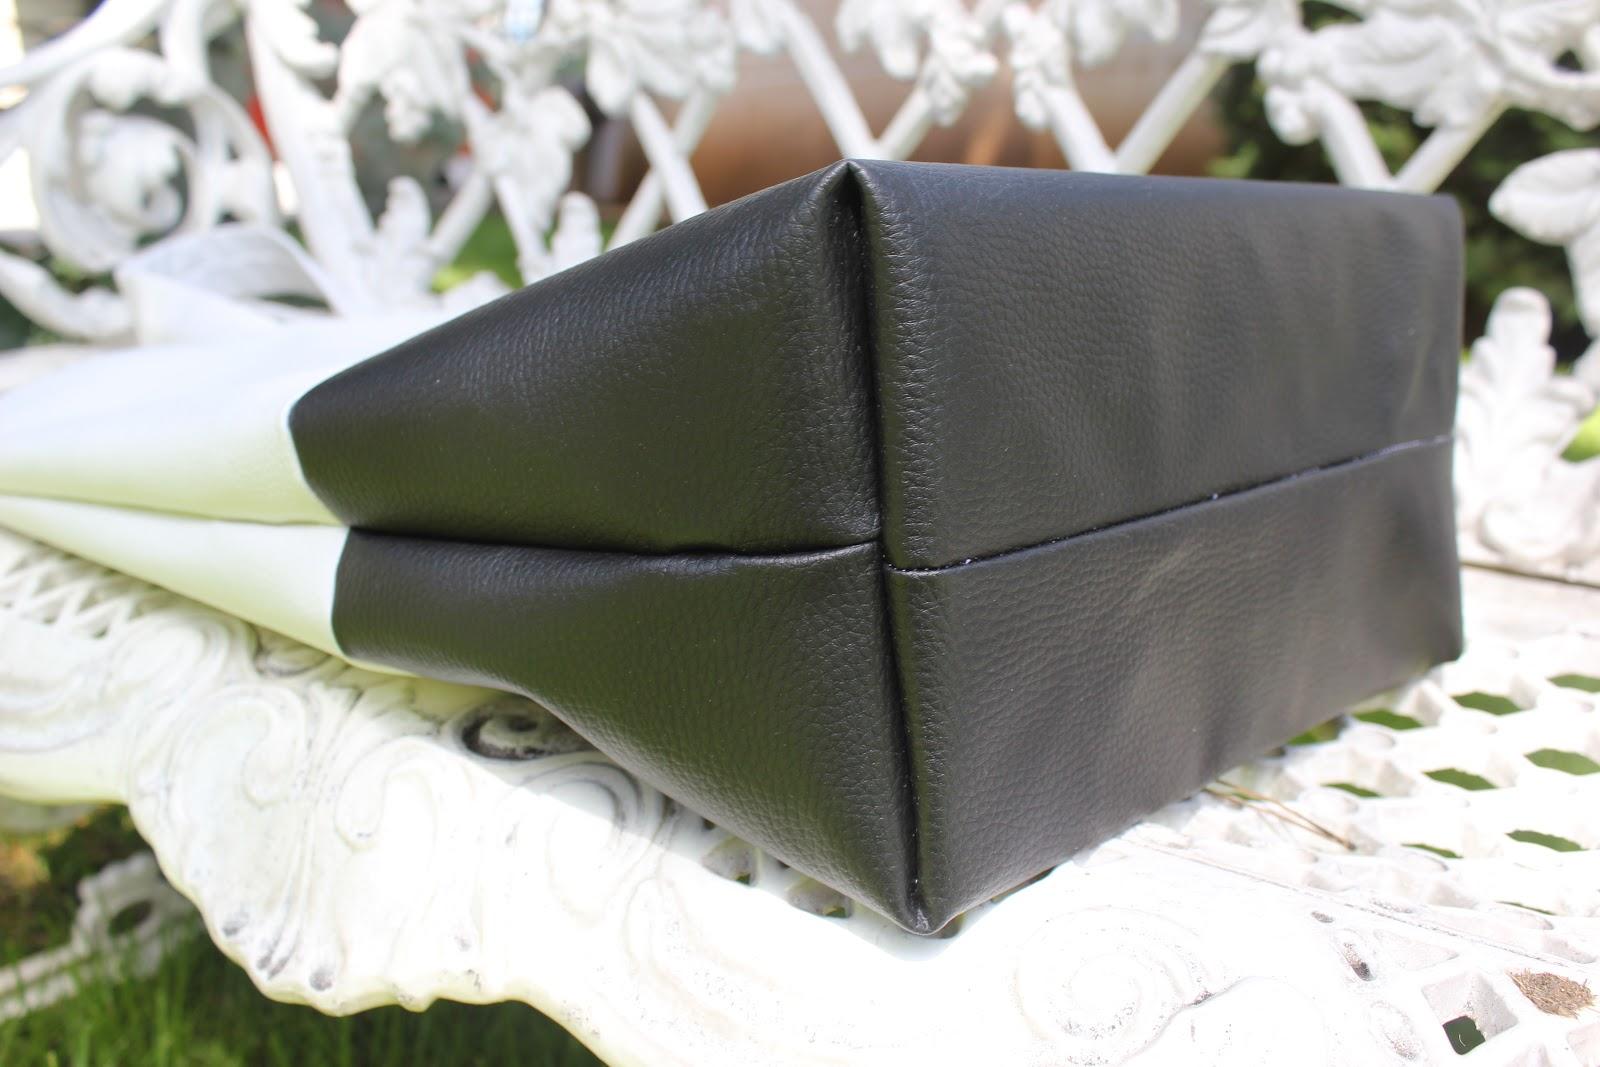 Diy c mo hacer este maxi bolso de cuero blanco y negro - Como hacer bolsos con salvamanteles ...